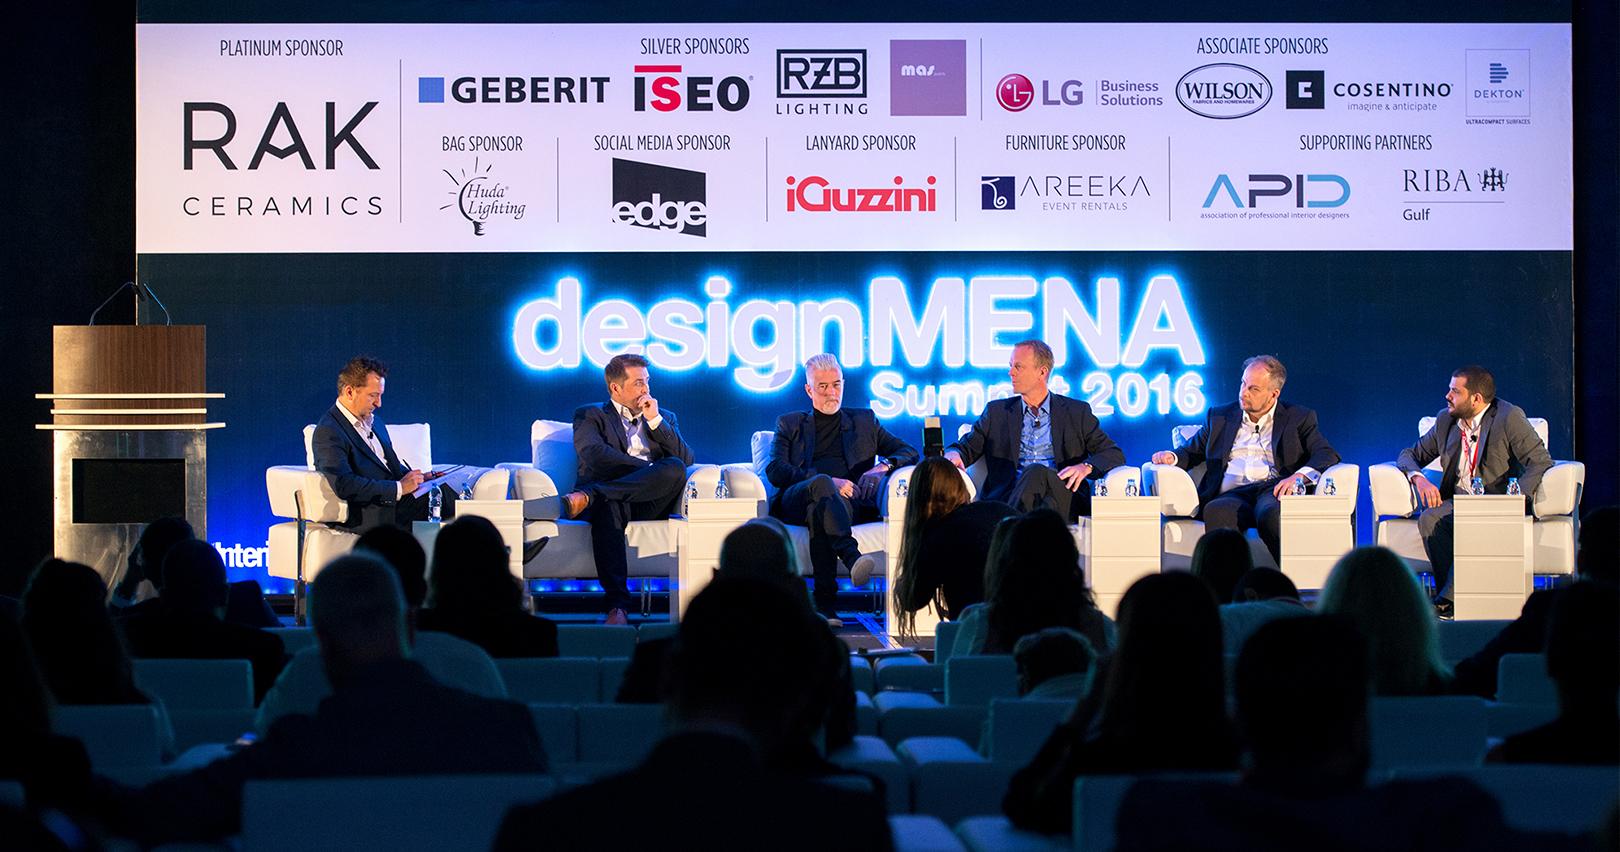 RAK Ceramics Supports Design MENA Summit